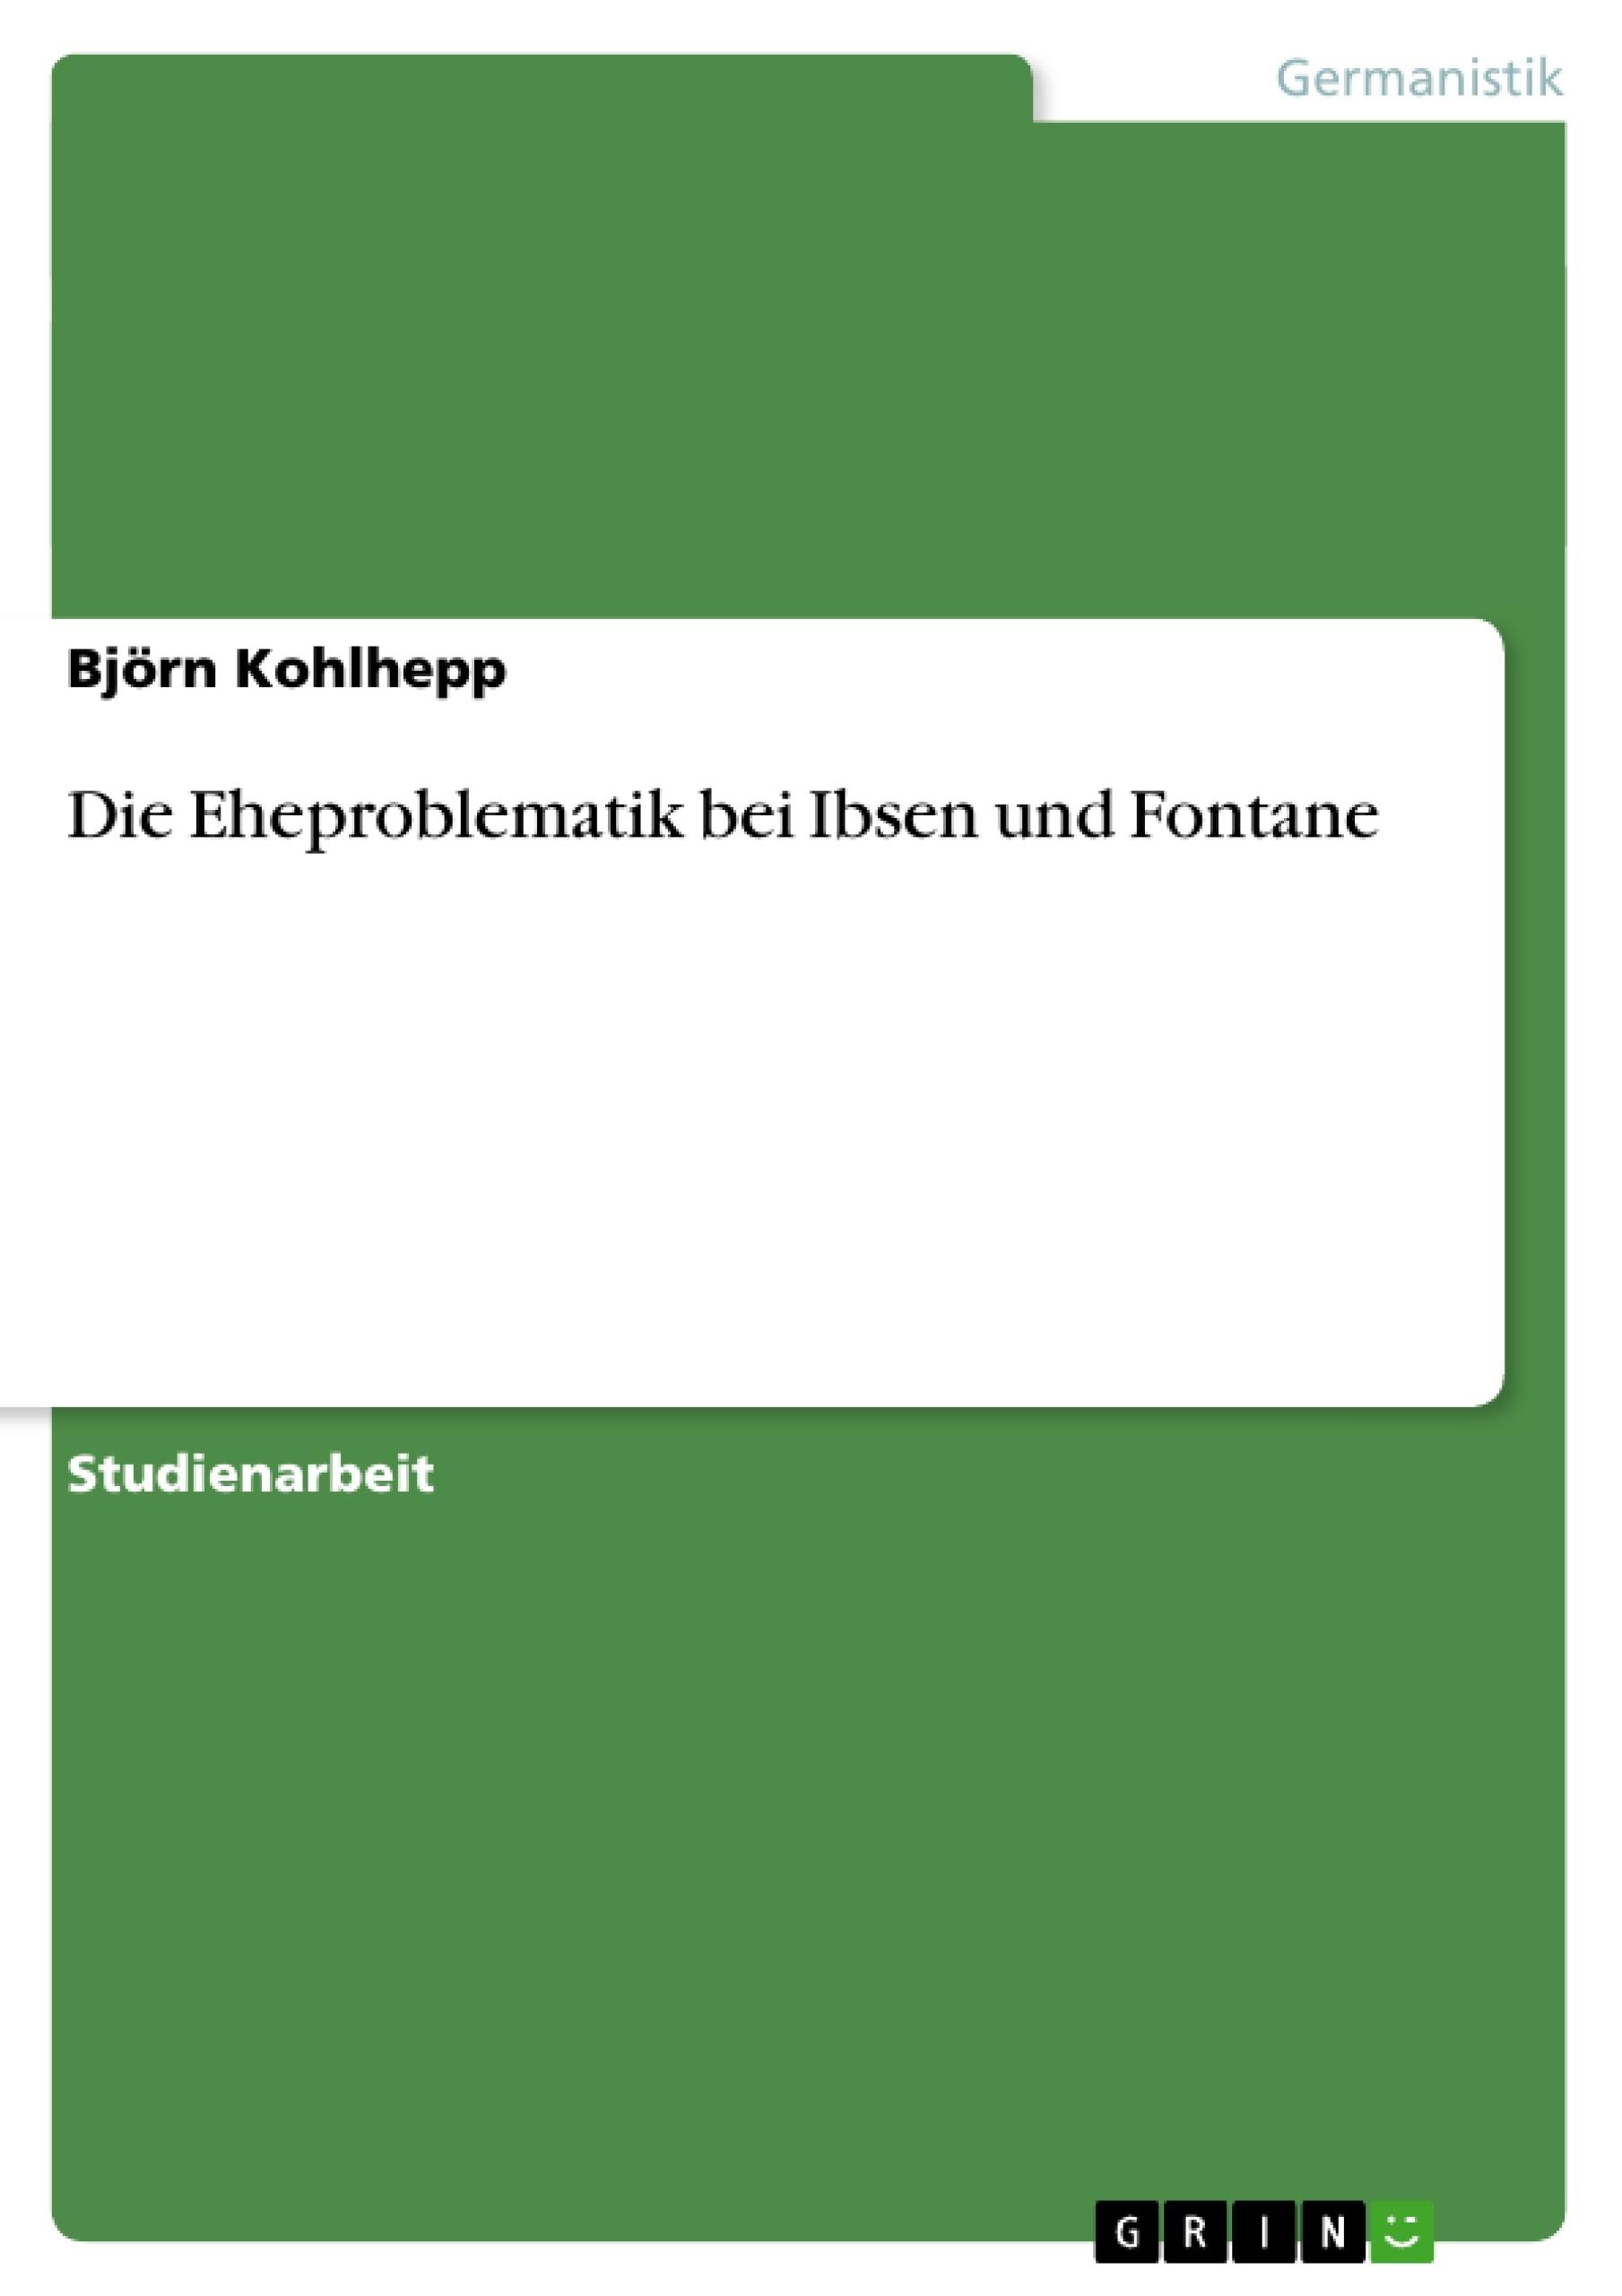 Titel: Die Eheproblematik bei Ibsen und Fontane